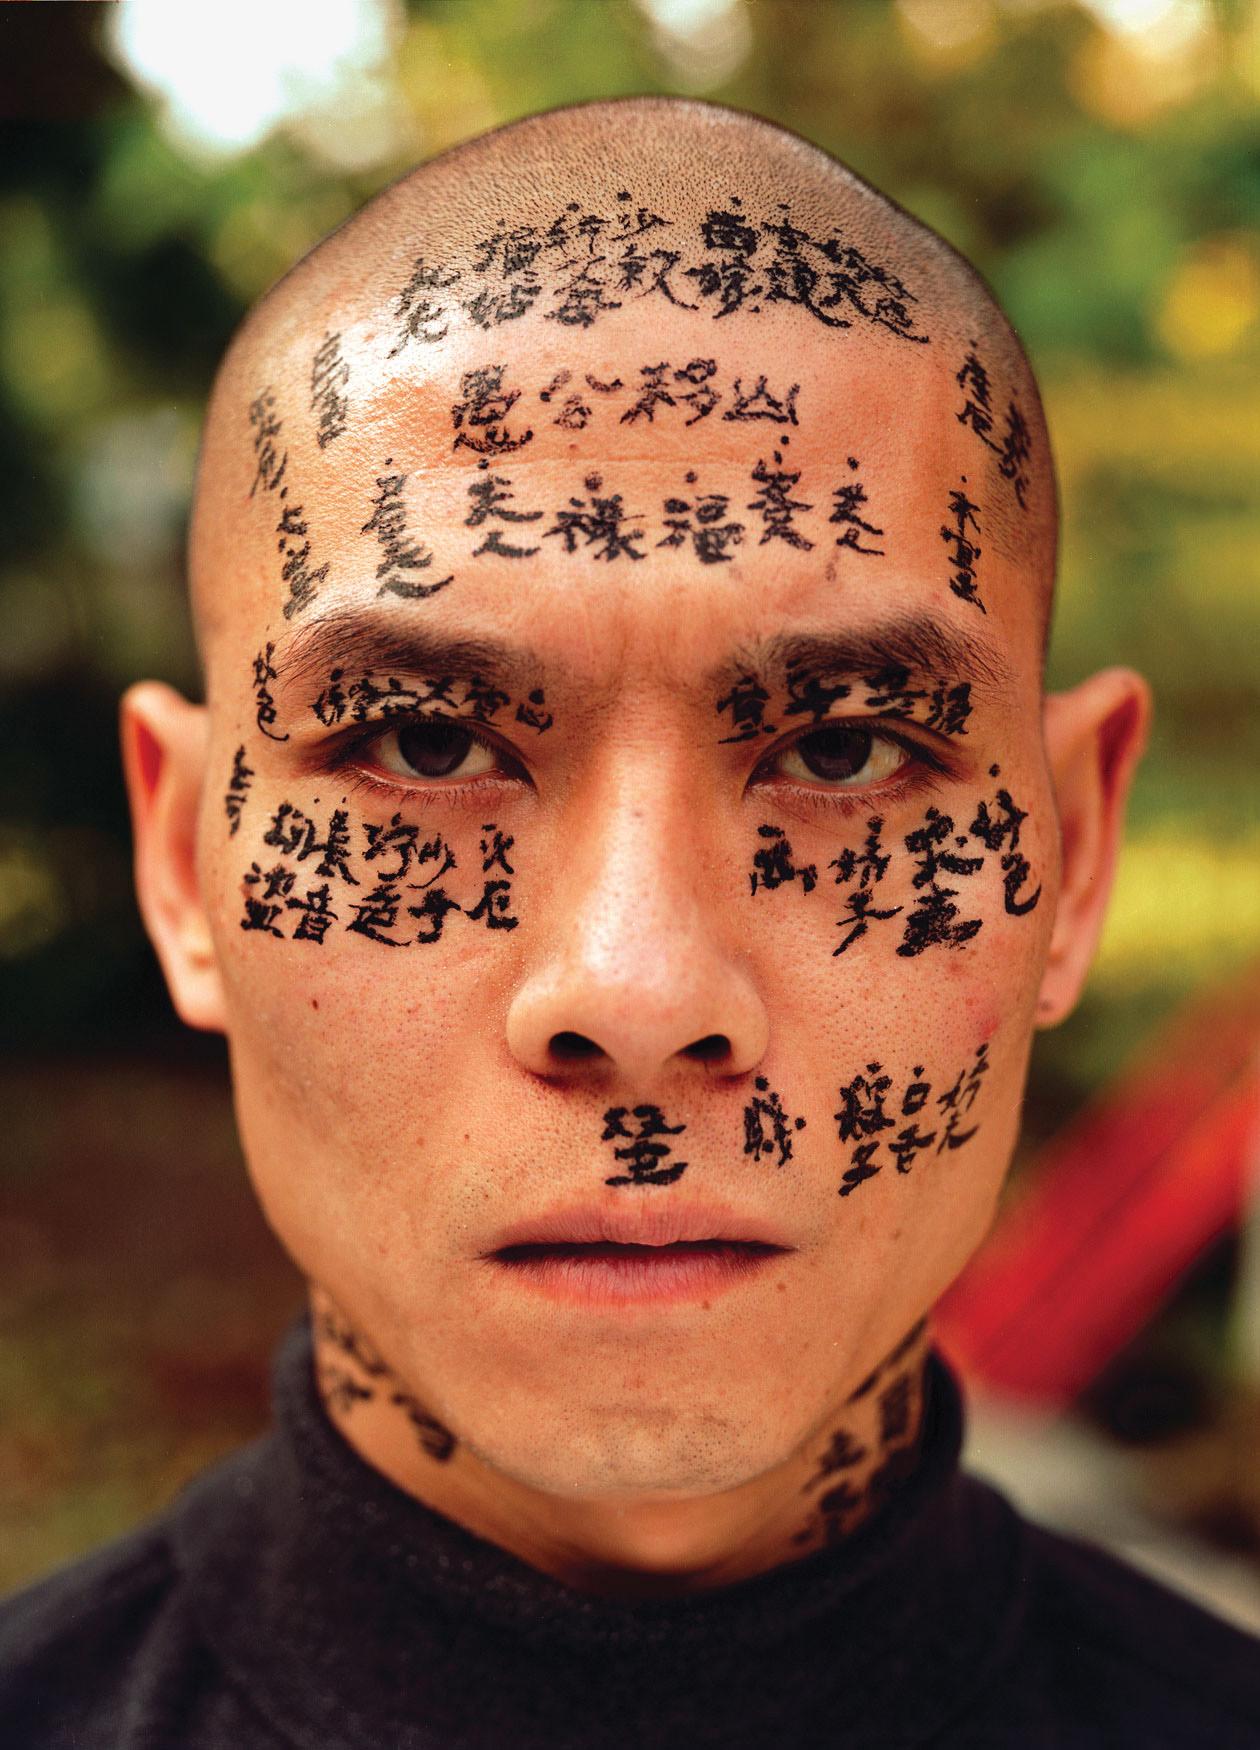 Zhang Huan, Family Tree